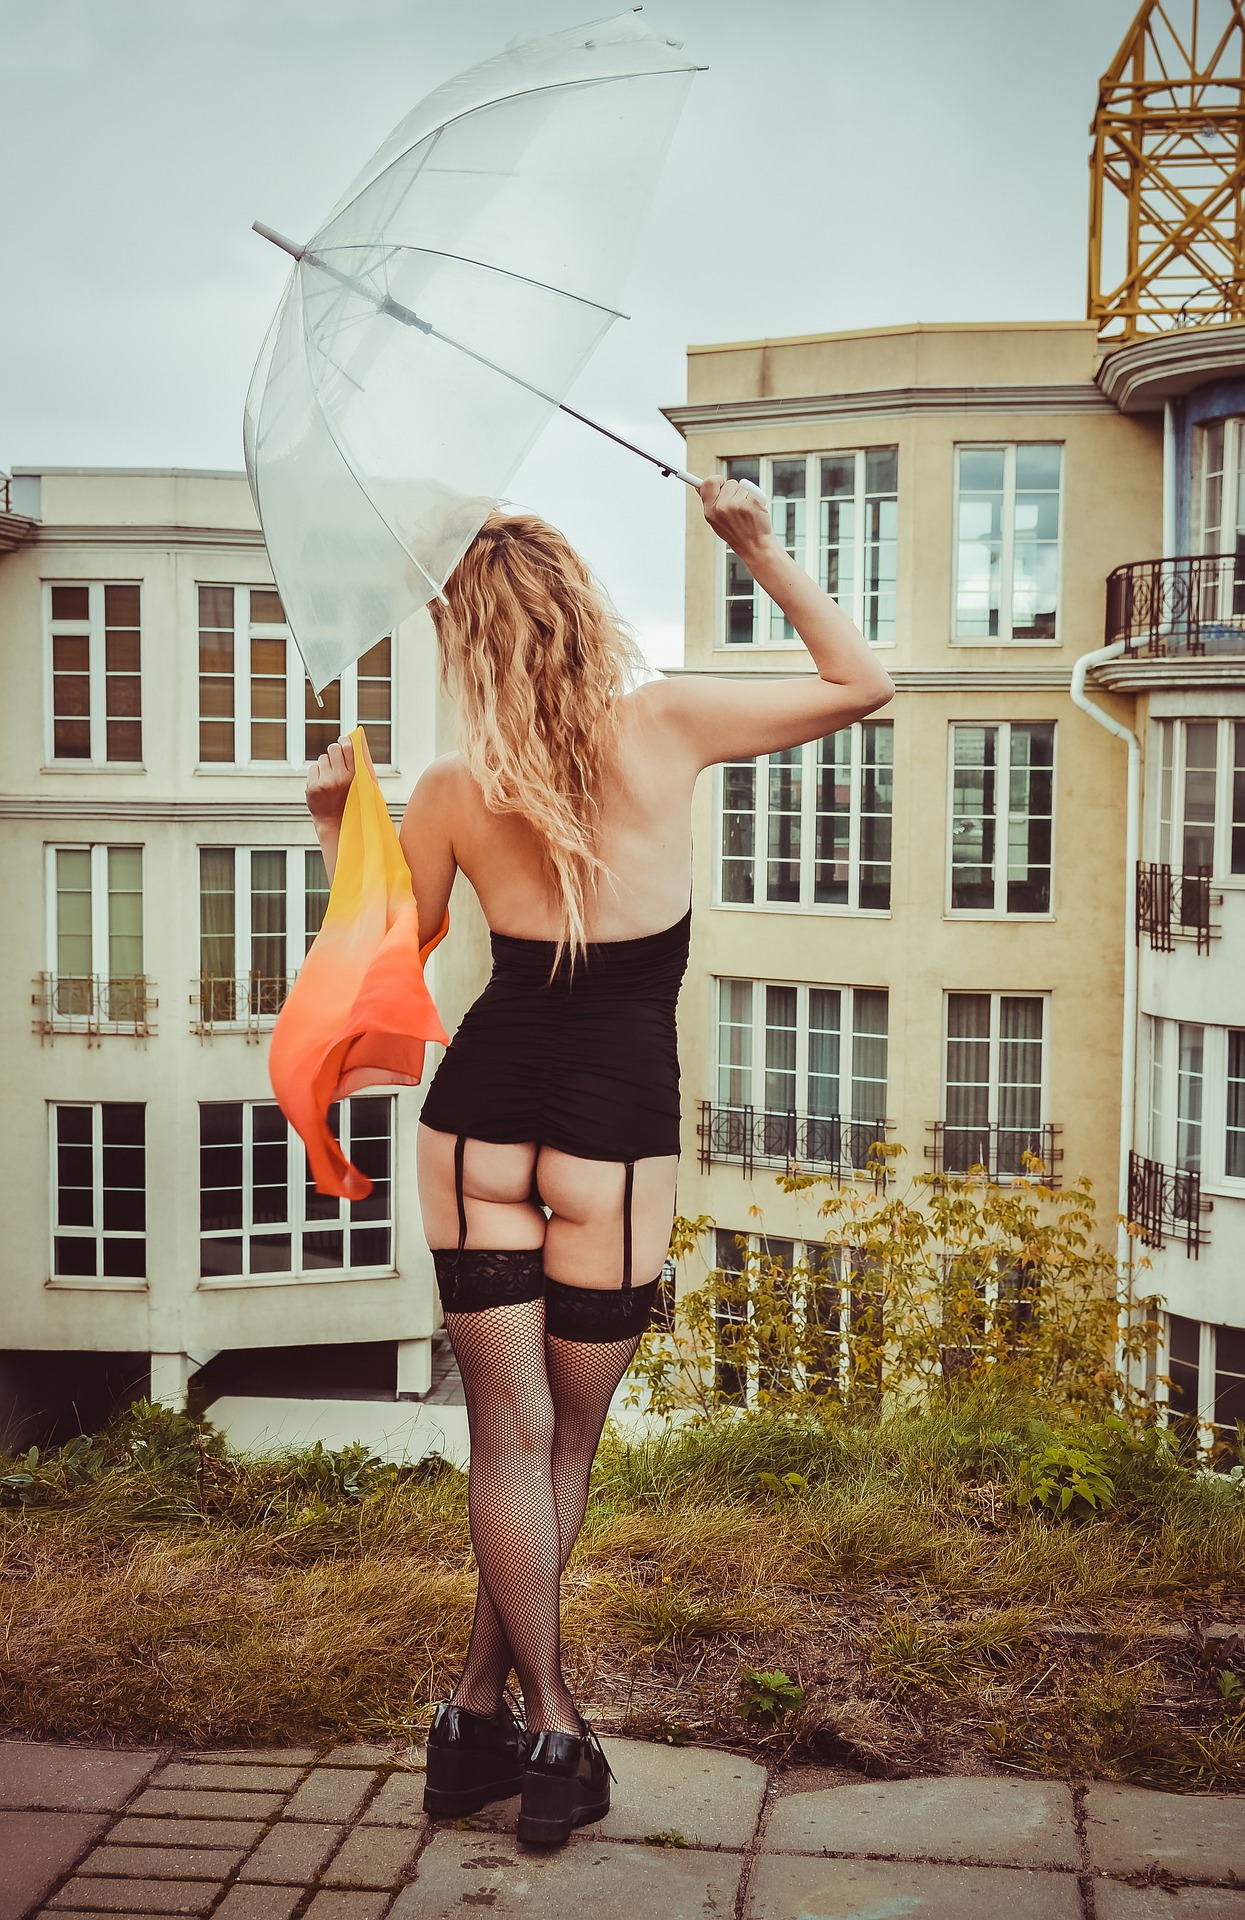 Frau mit Regenschirm trägt Strapse